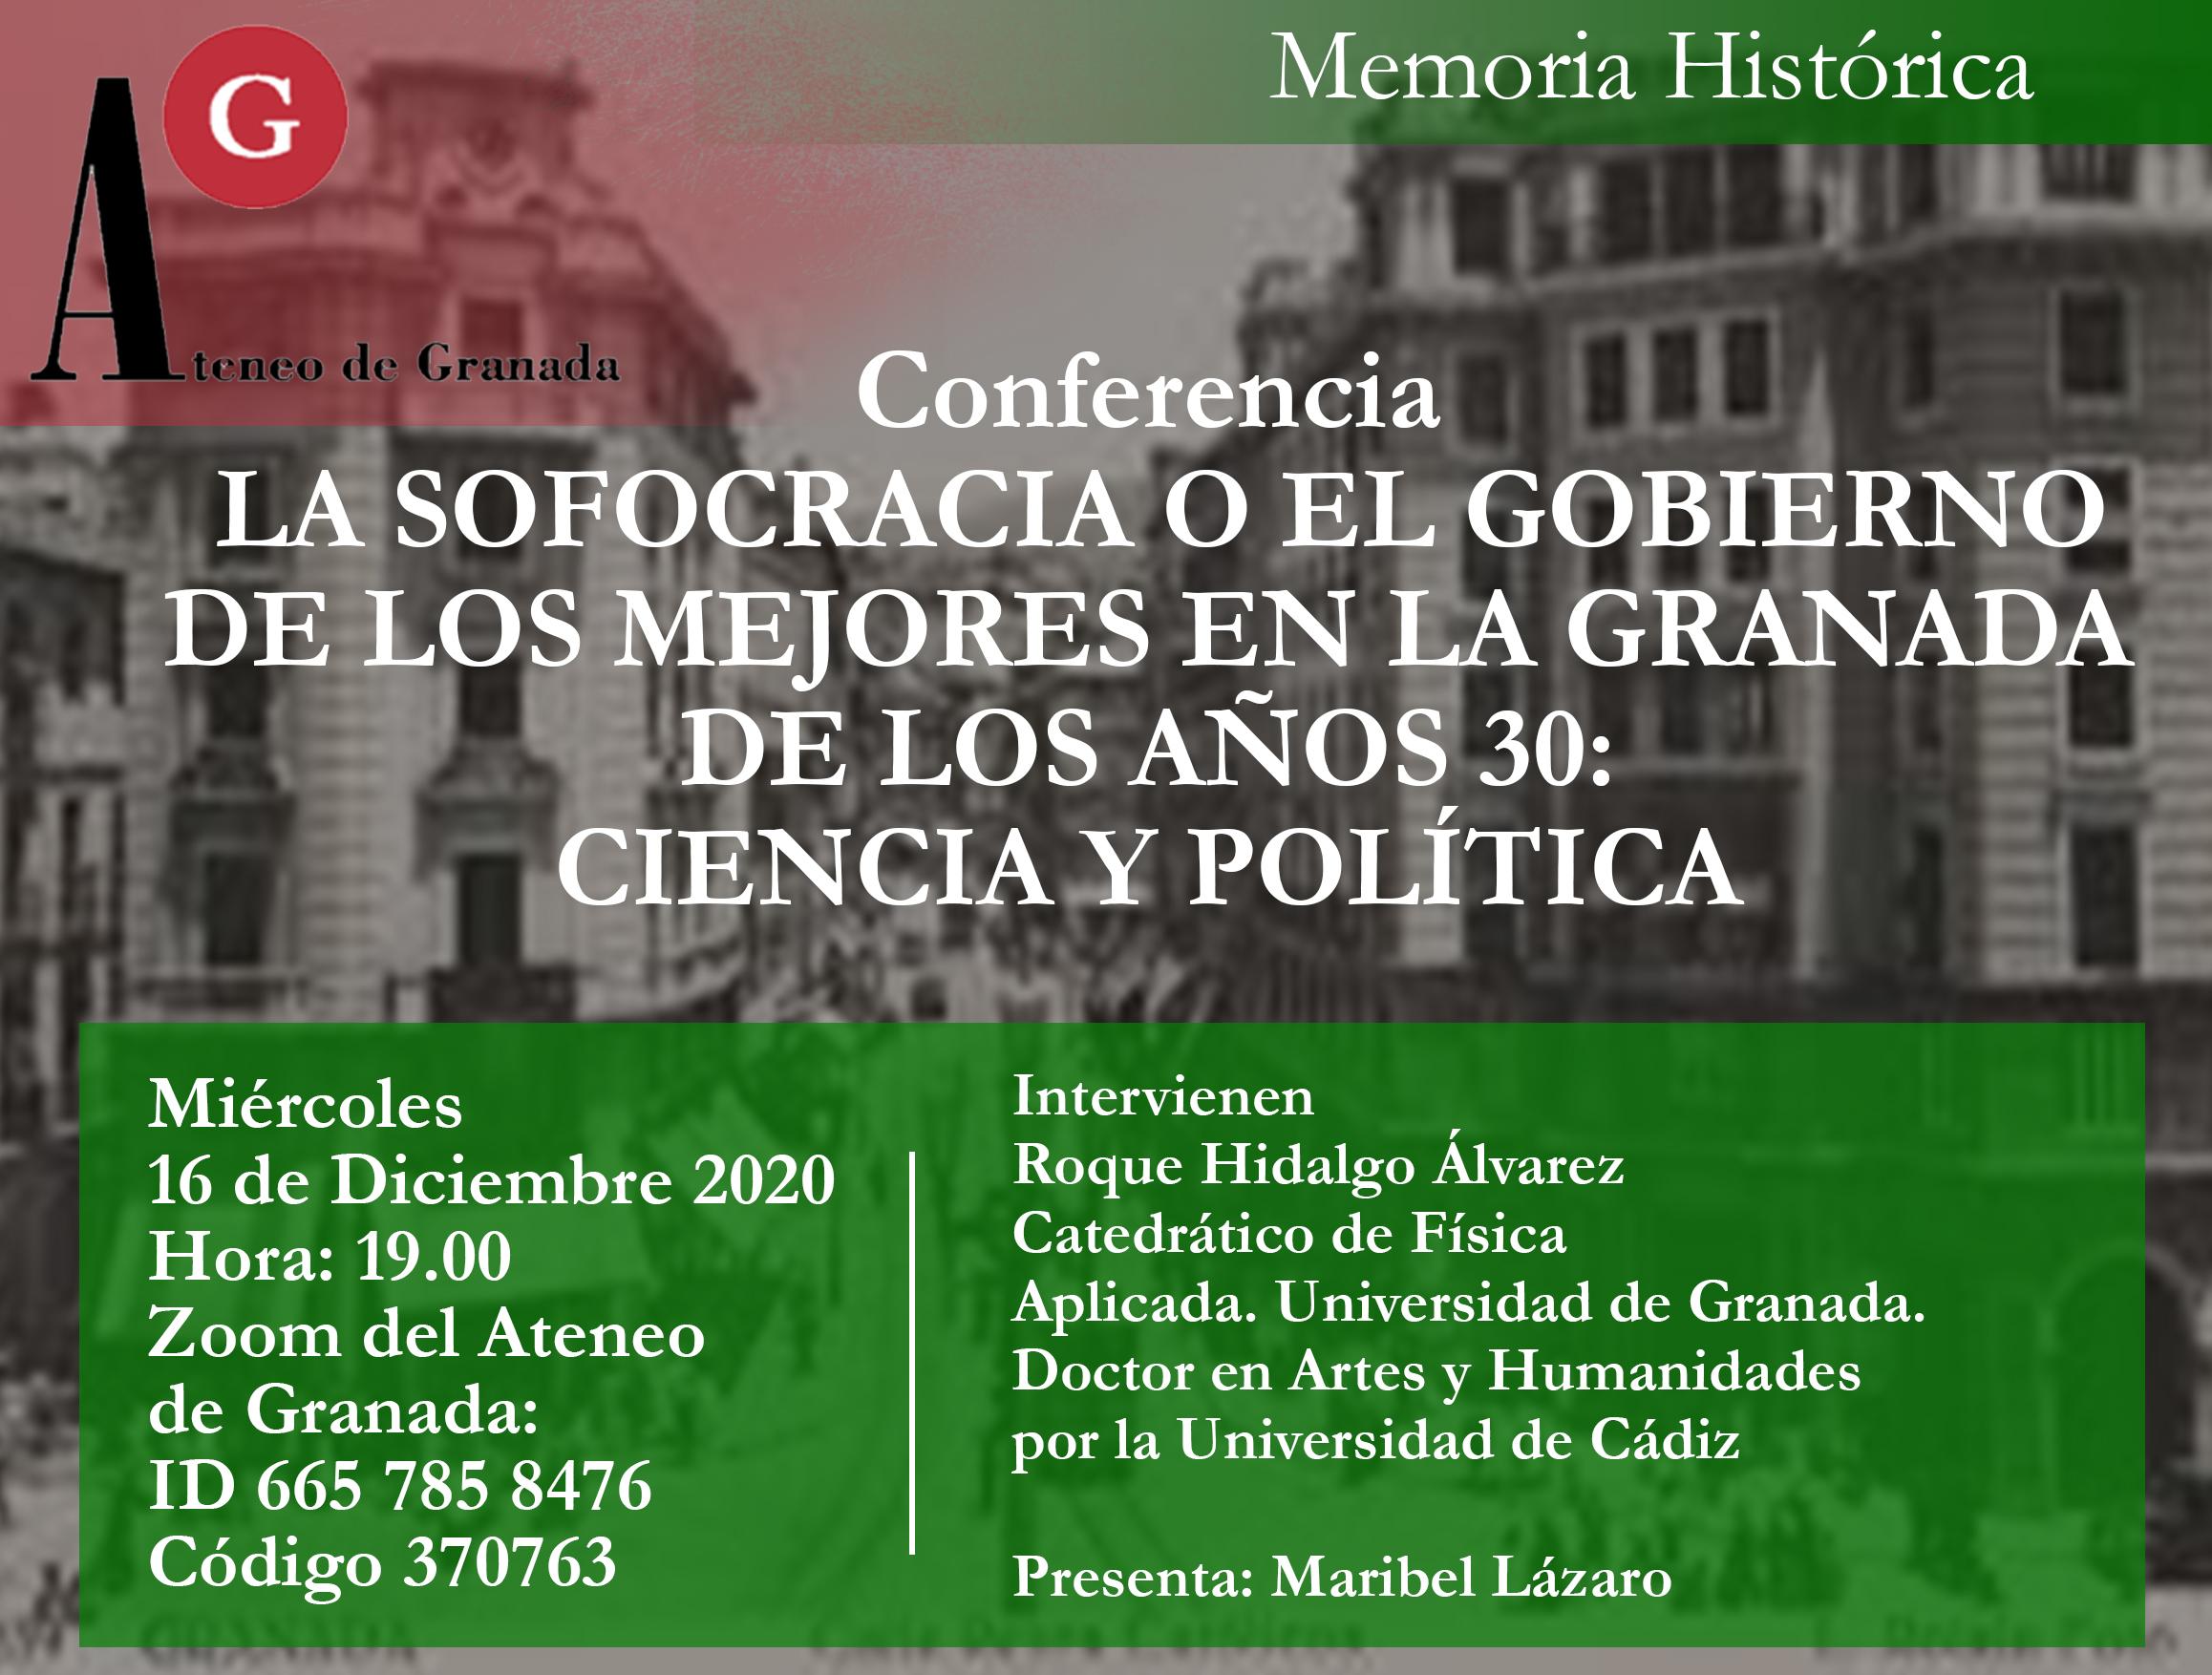 Conferencia El Ateneo |La Sofocracia o el gobierno de los mejores en la Granada de los años 30: Ciencia y Política